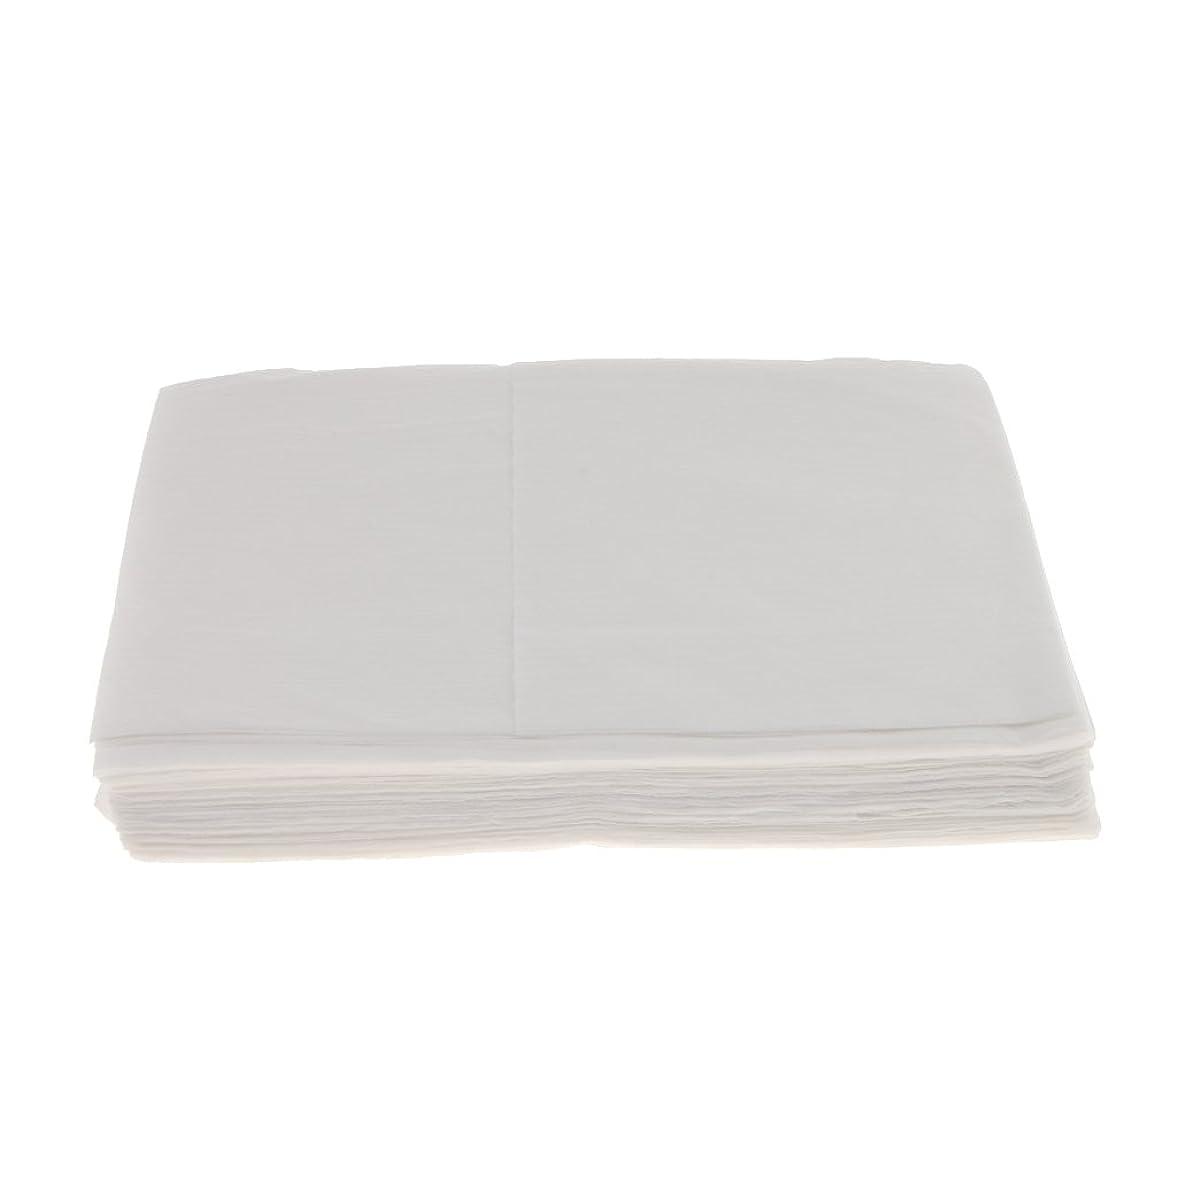 これら気分死の顎Baosity 10枚 使い捨て ベッドシーツ サロン ホテル ベッドパッド カバー シート 2色選べ - 白